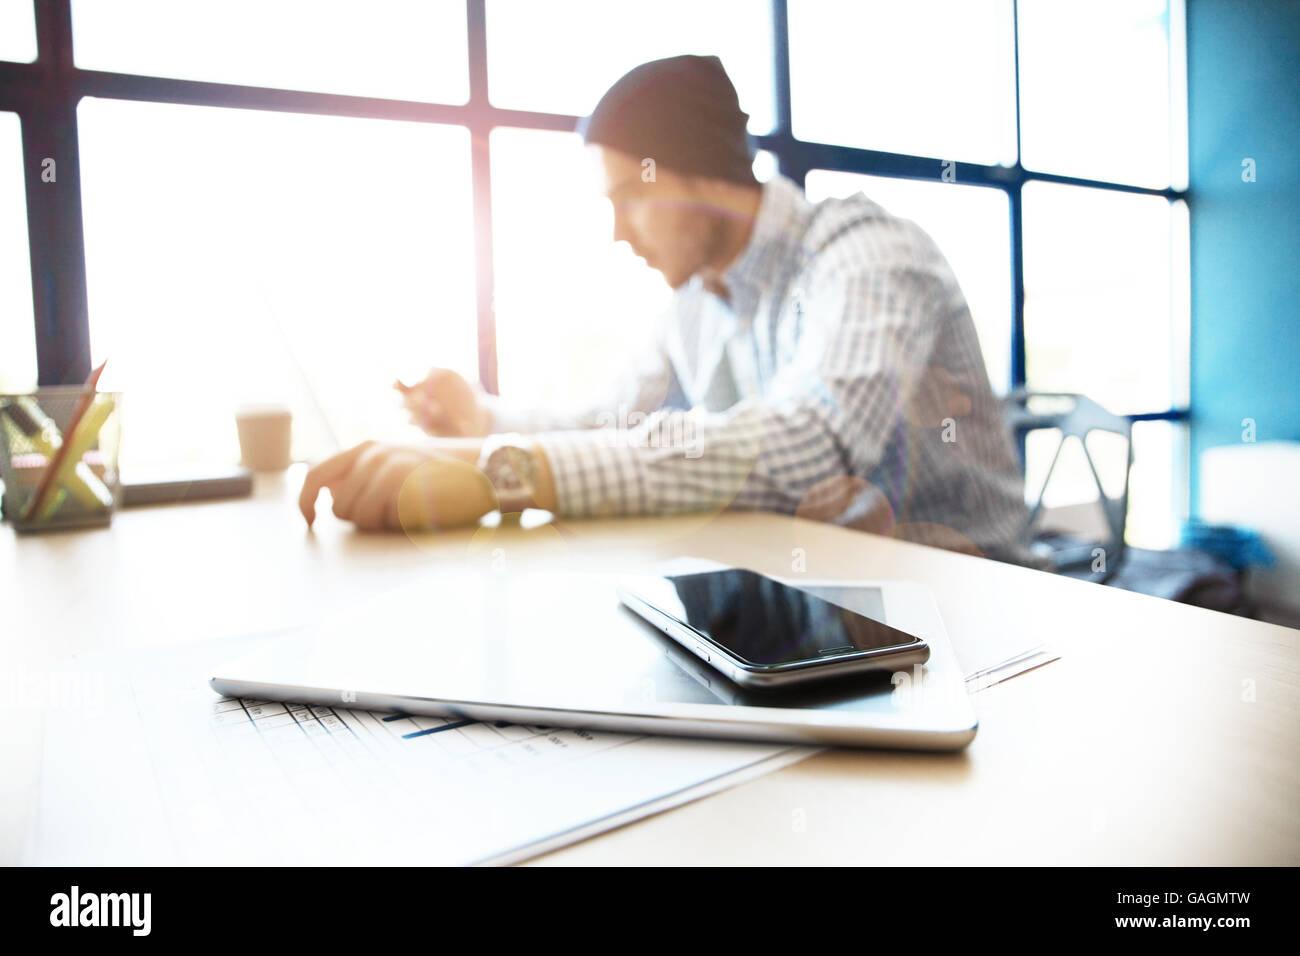 Büroarbeitsplatz mit Laptop auf Holz Tisch gegen Windows. Stockfoto